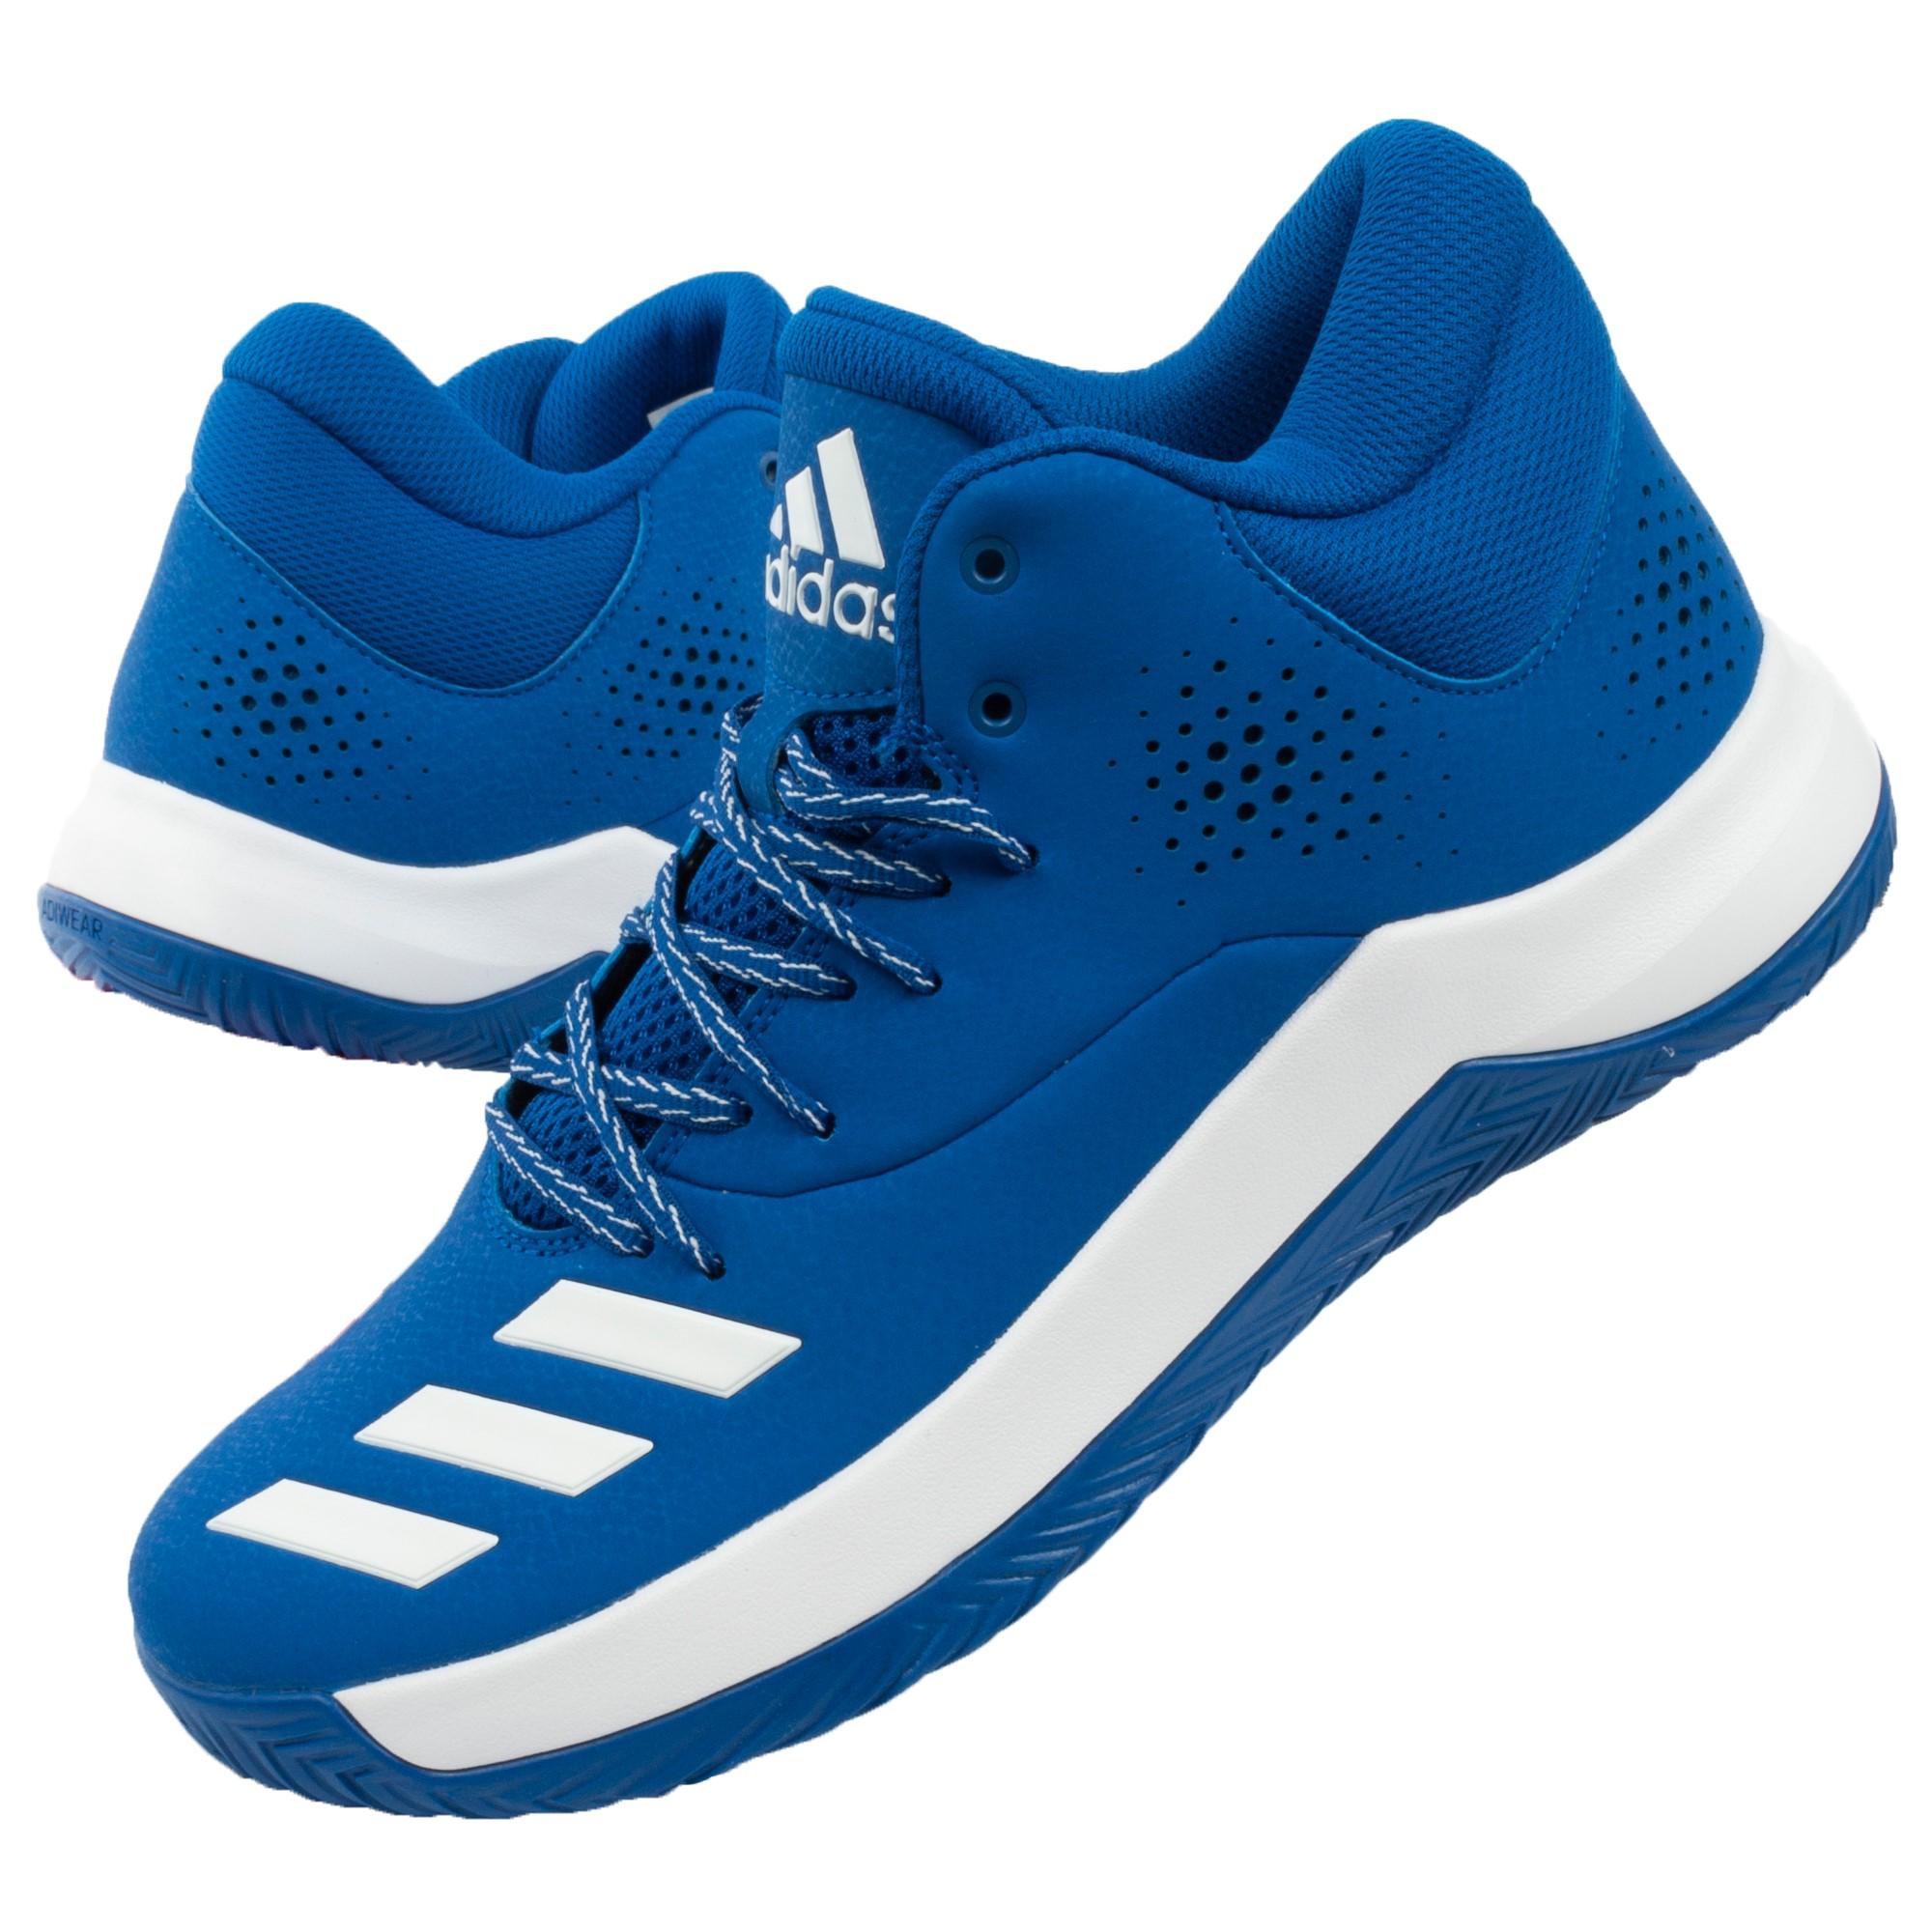 Buty do koszykówki Adidas Court Fury BY4185 40 2/3